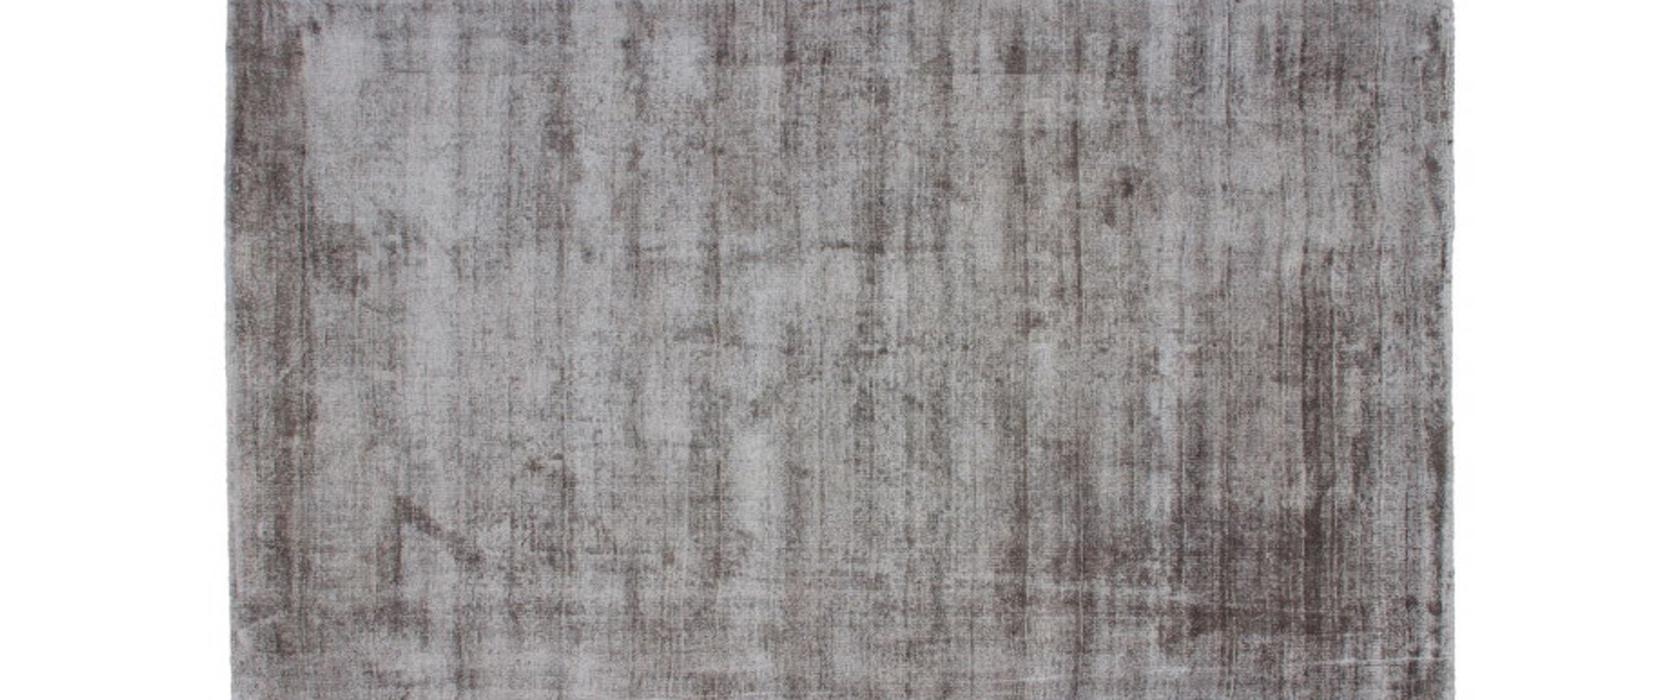 Ковер My Maori 220 Silver 160х230 см - Pufetto